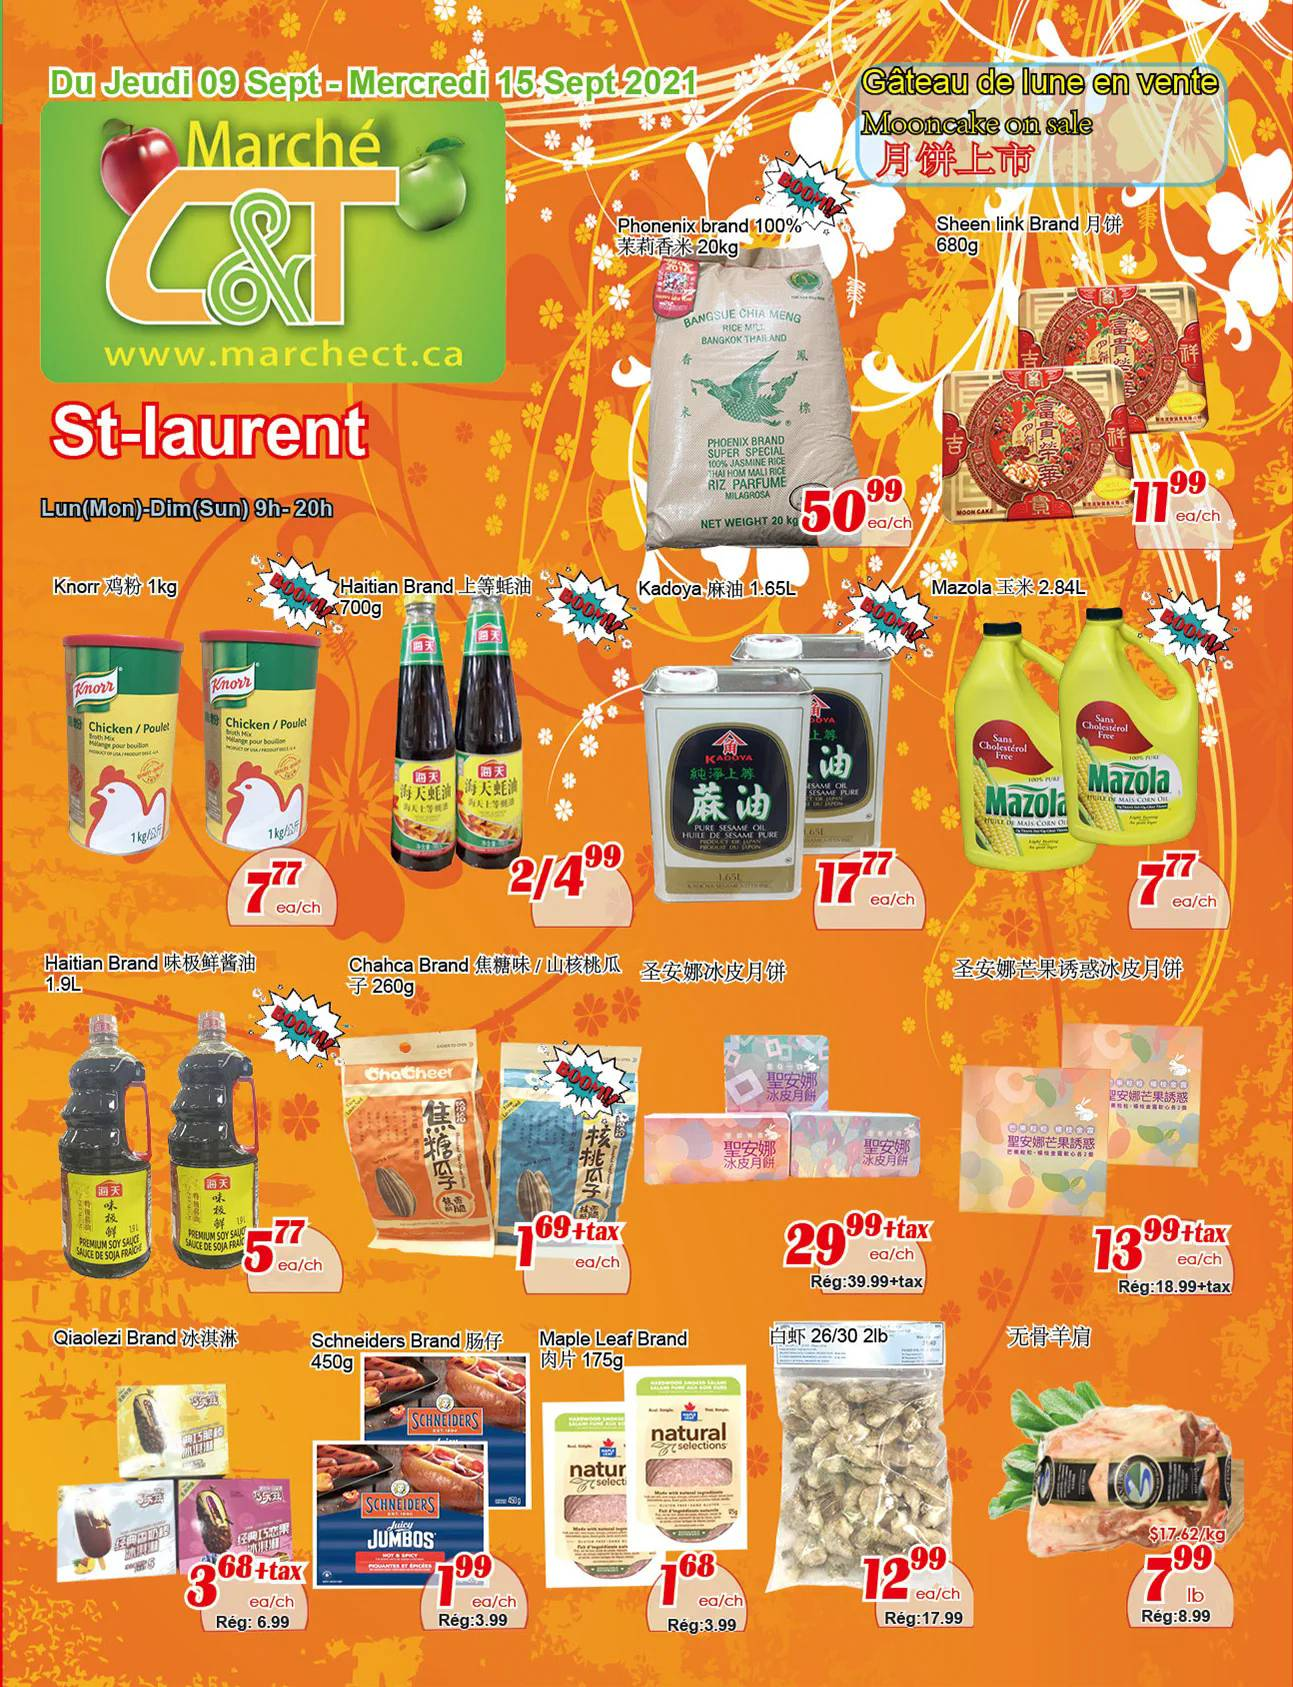 Circulaire Marché C & T - St-Laurent du 9 au 15 Septembre 2021 - Page 1